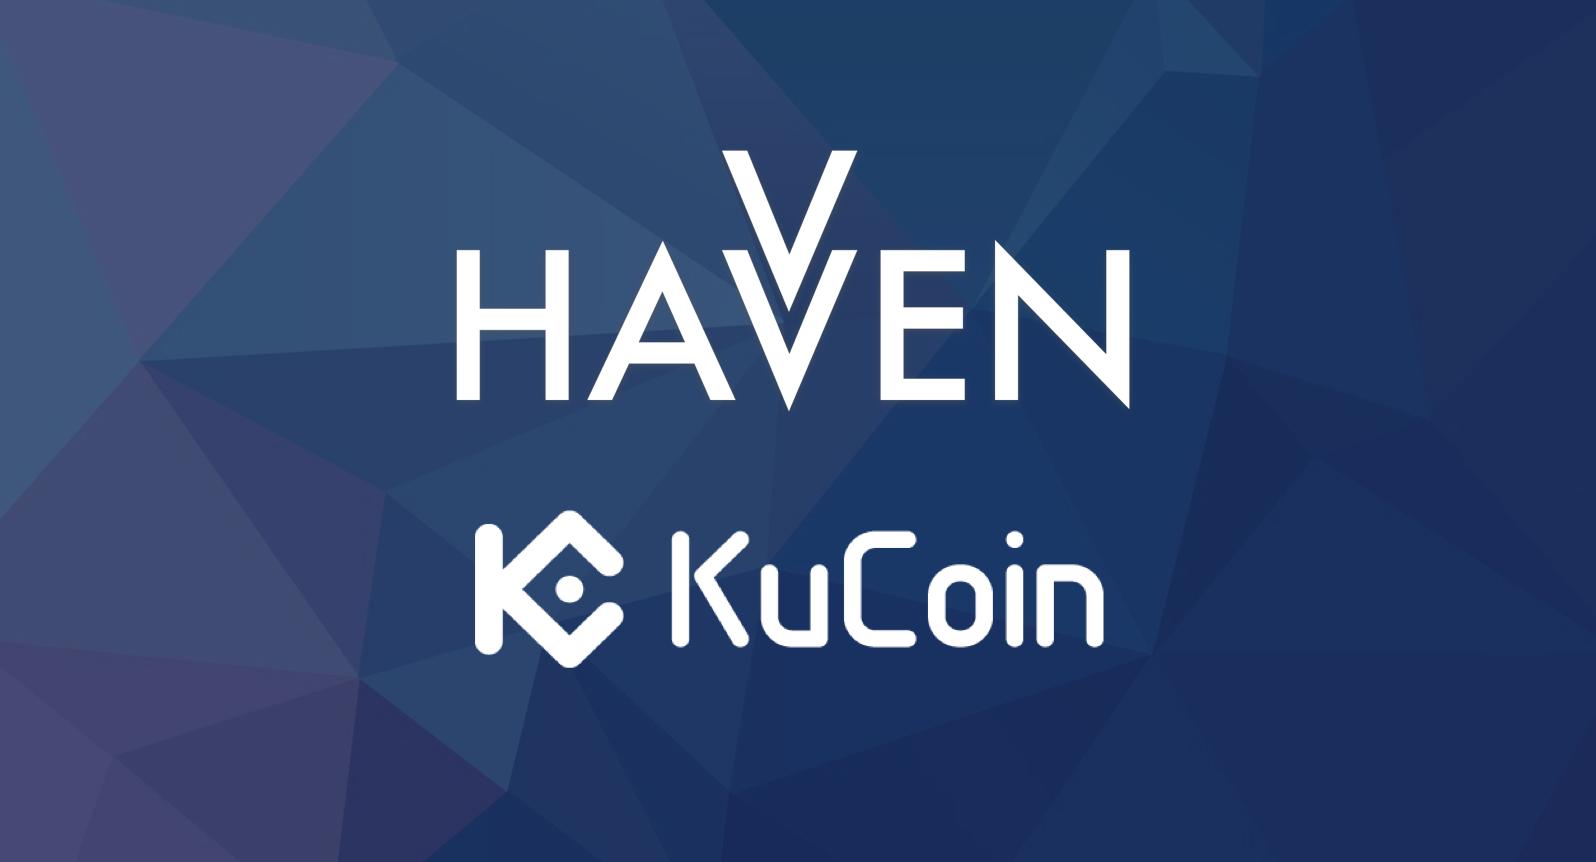 Announcing KuCoin